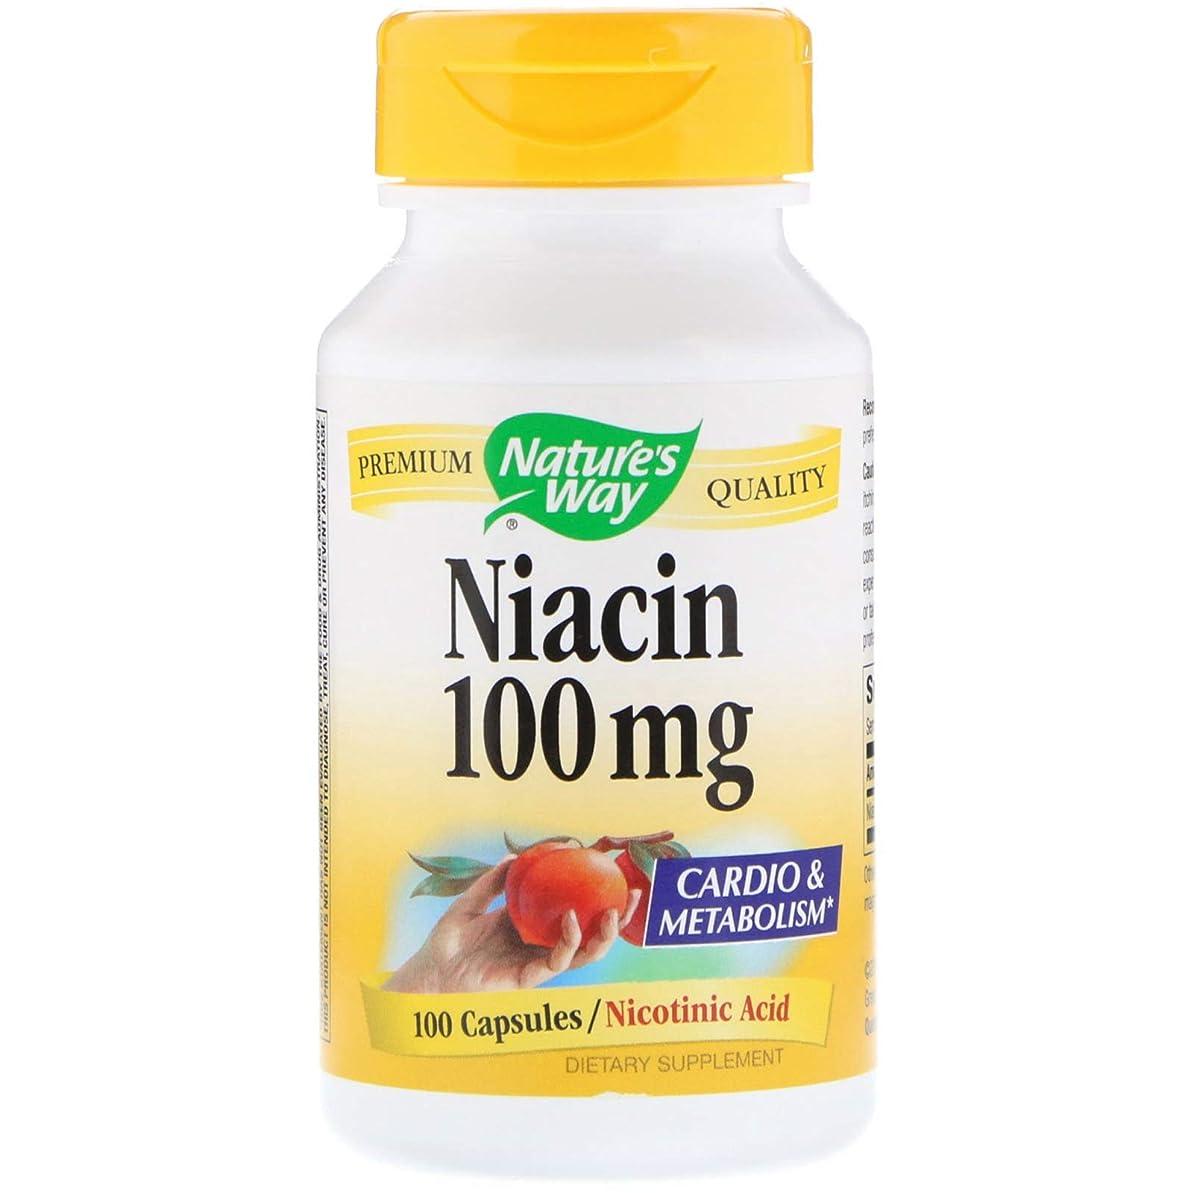 開拓者天楽しむNature's Way ナイアシン Niacin 100mg 100カプセル [並行輸入品] - 2 Packs